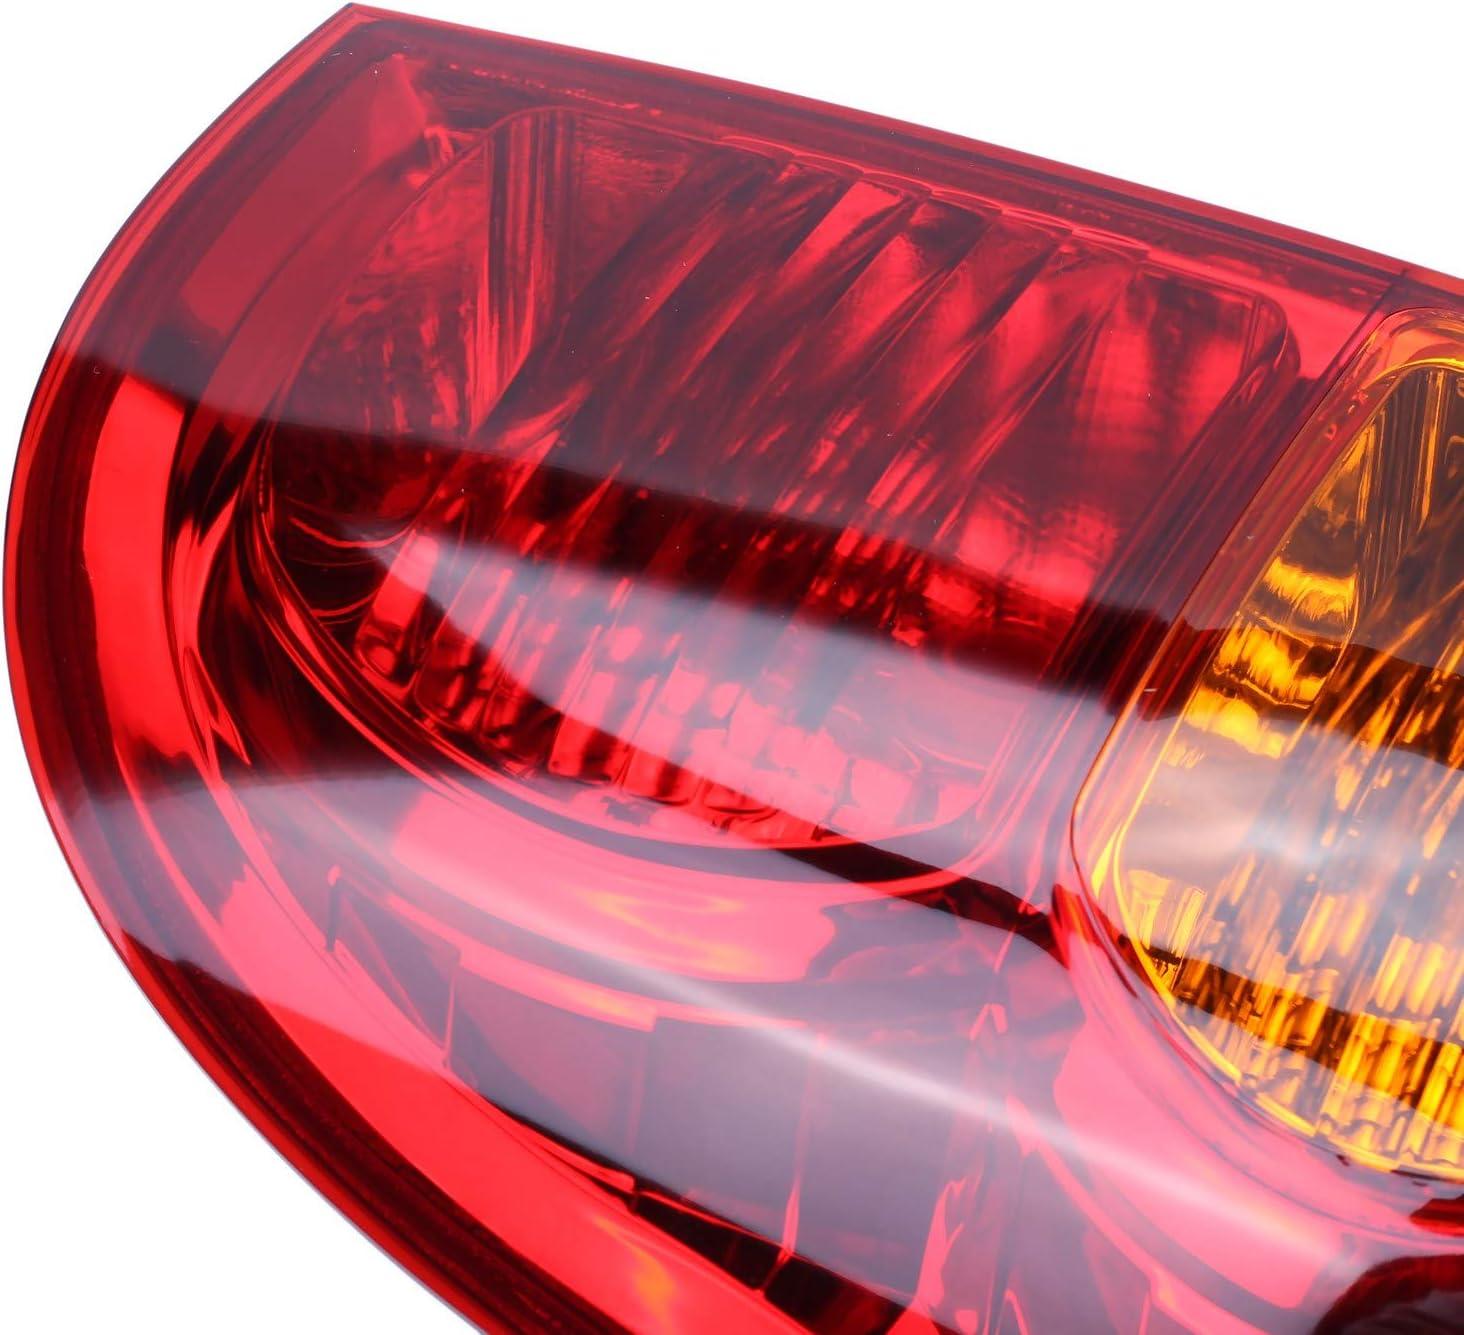 Nrpfell Feu Arri/ère Gauche Rouge pour Hilux 2005-2011 Feu de Freinage Arri/ère avec Faisceau de Cables